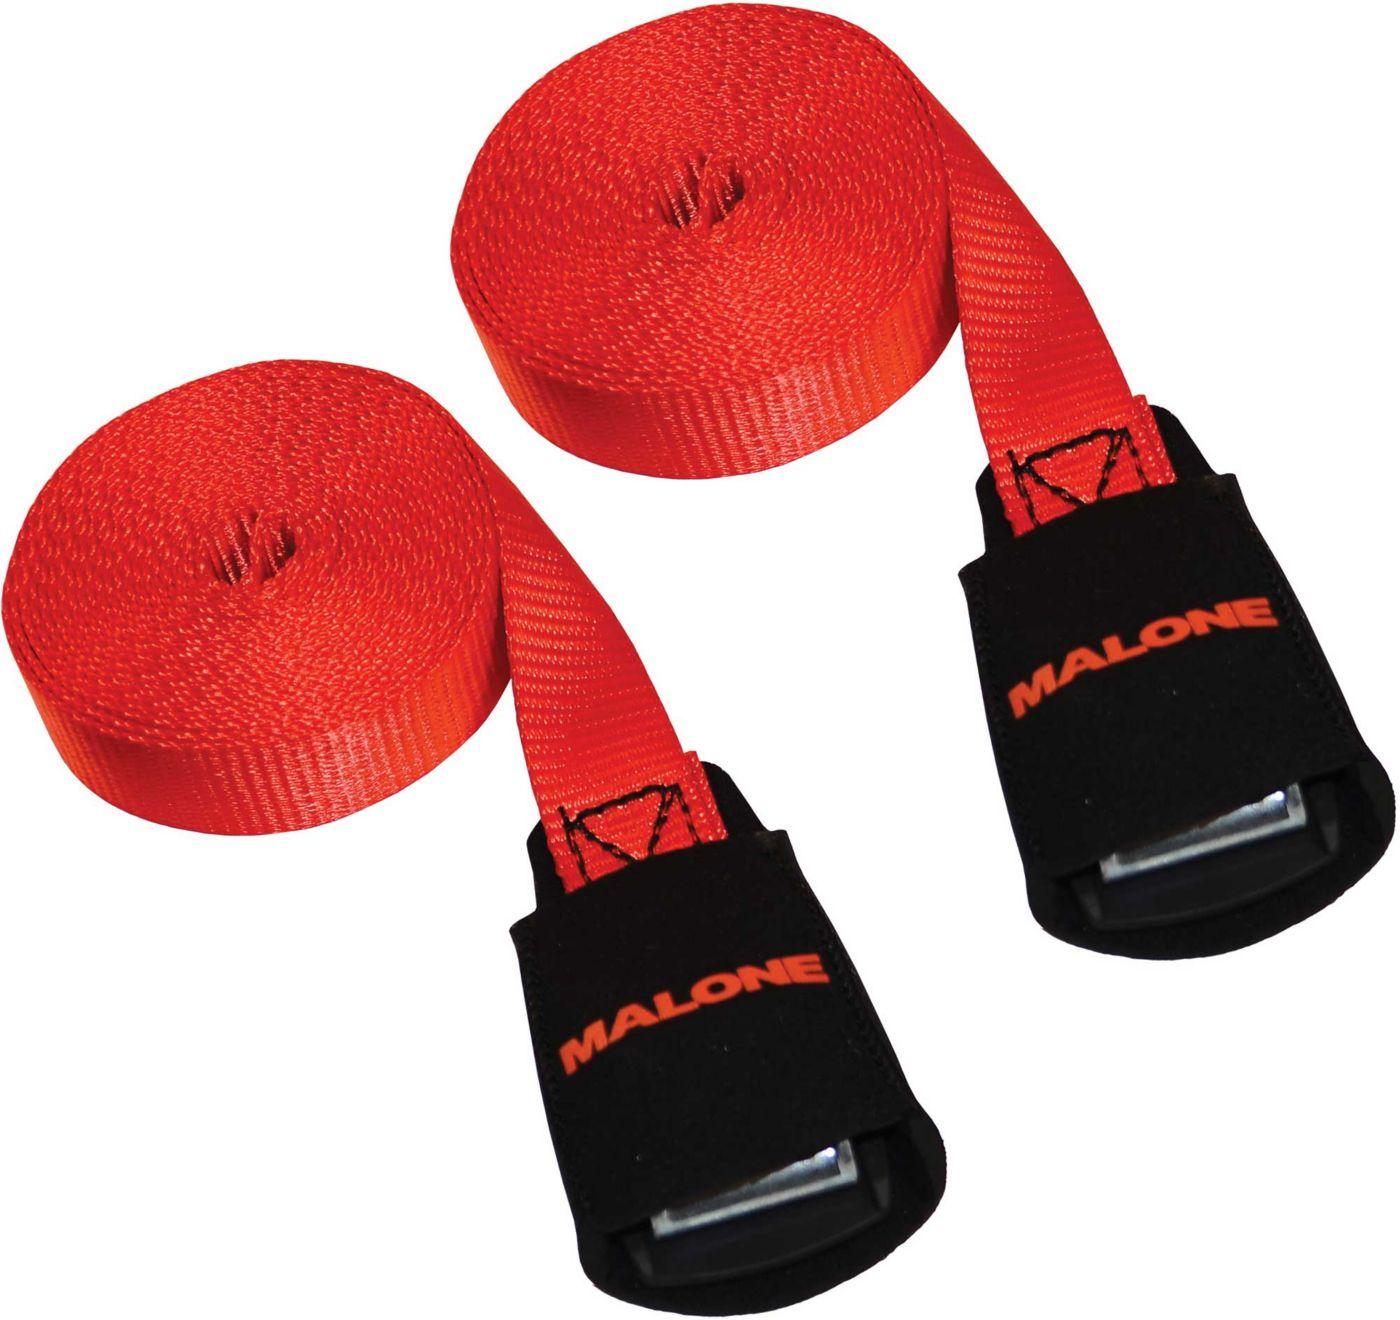 Malone 12' Load Straps